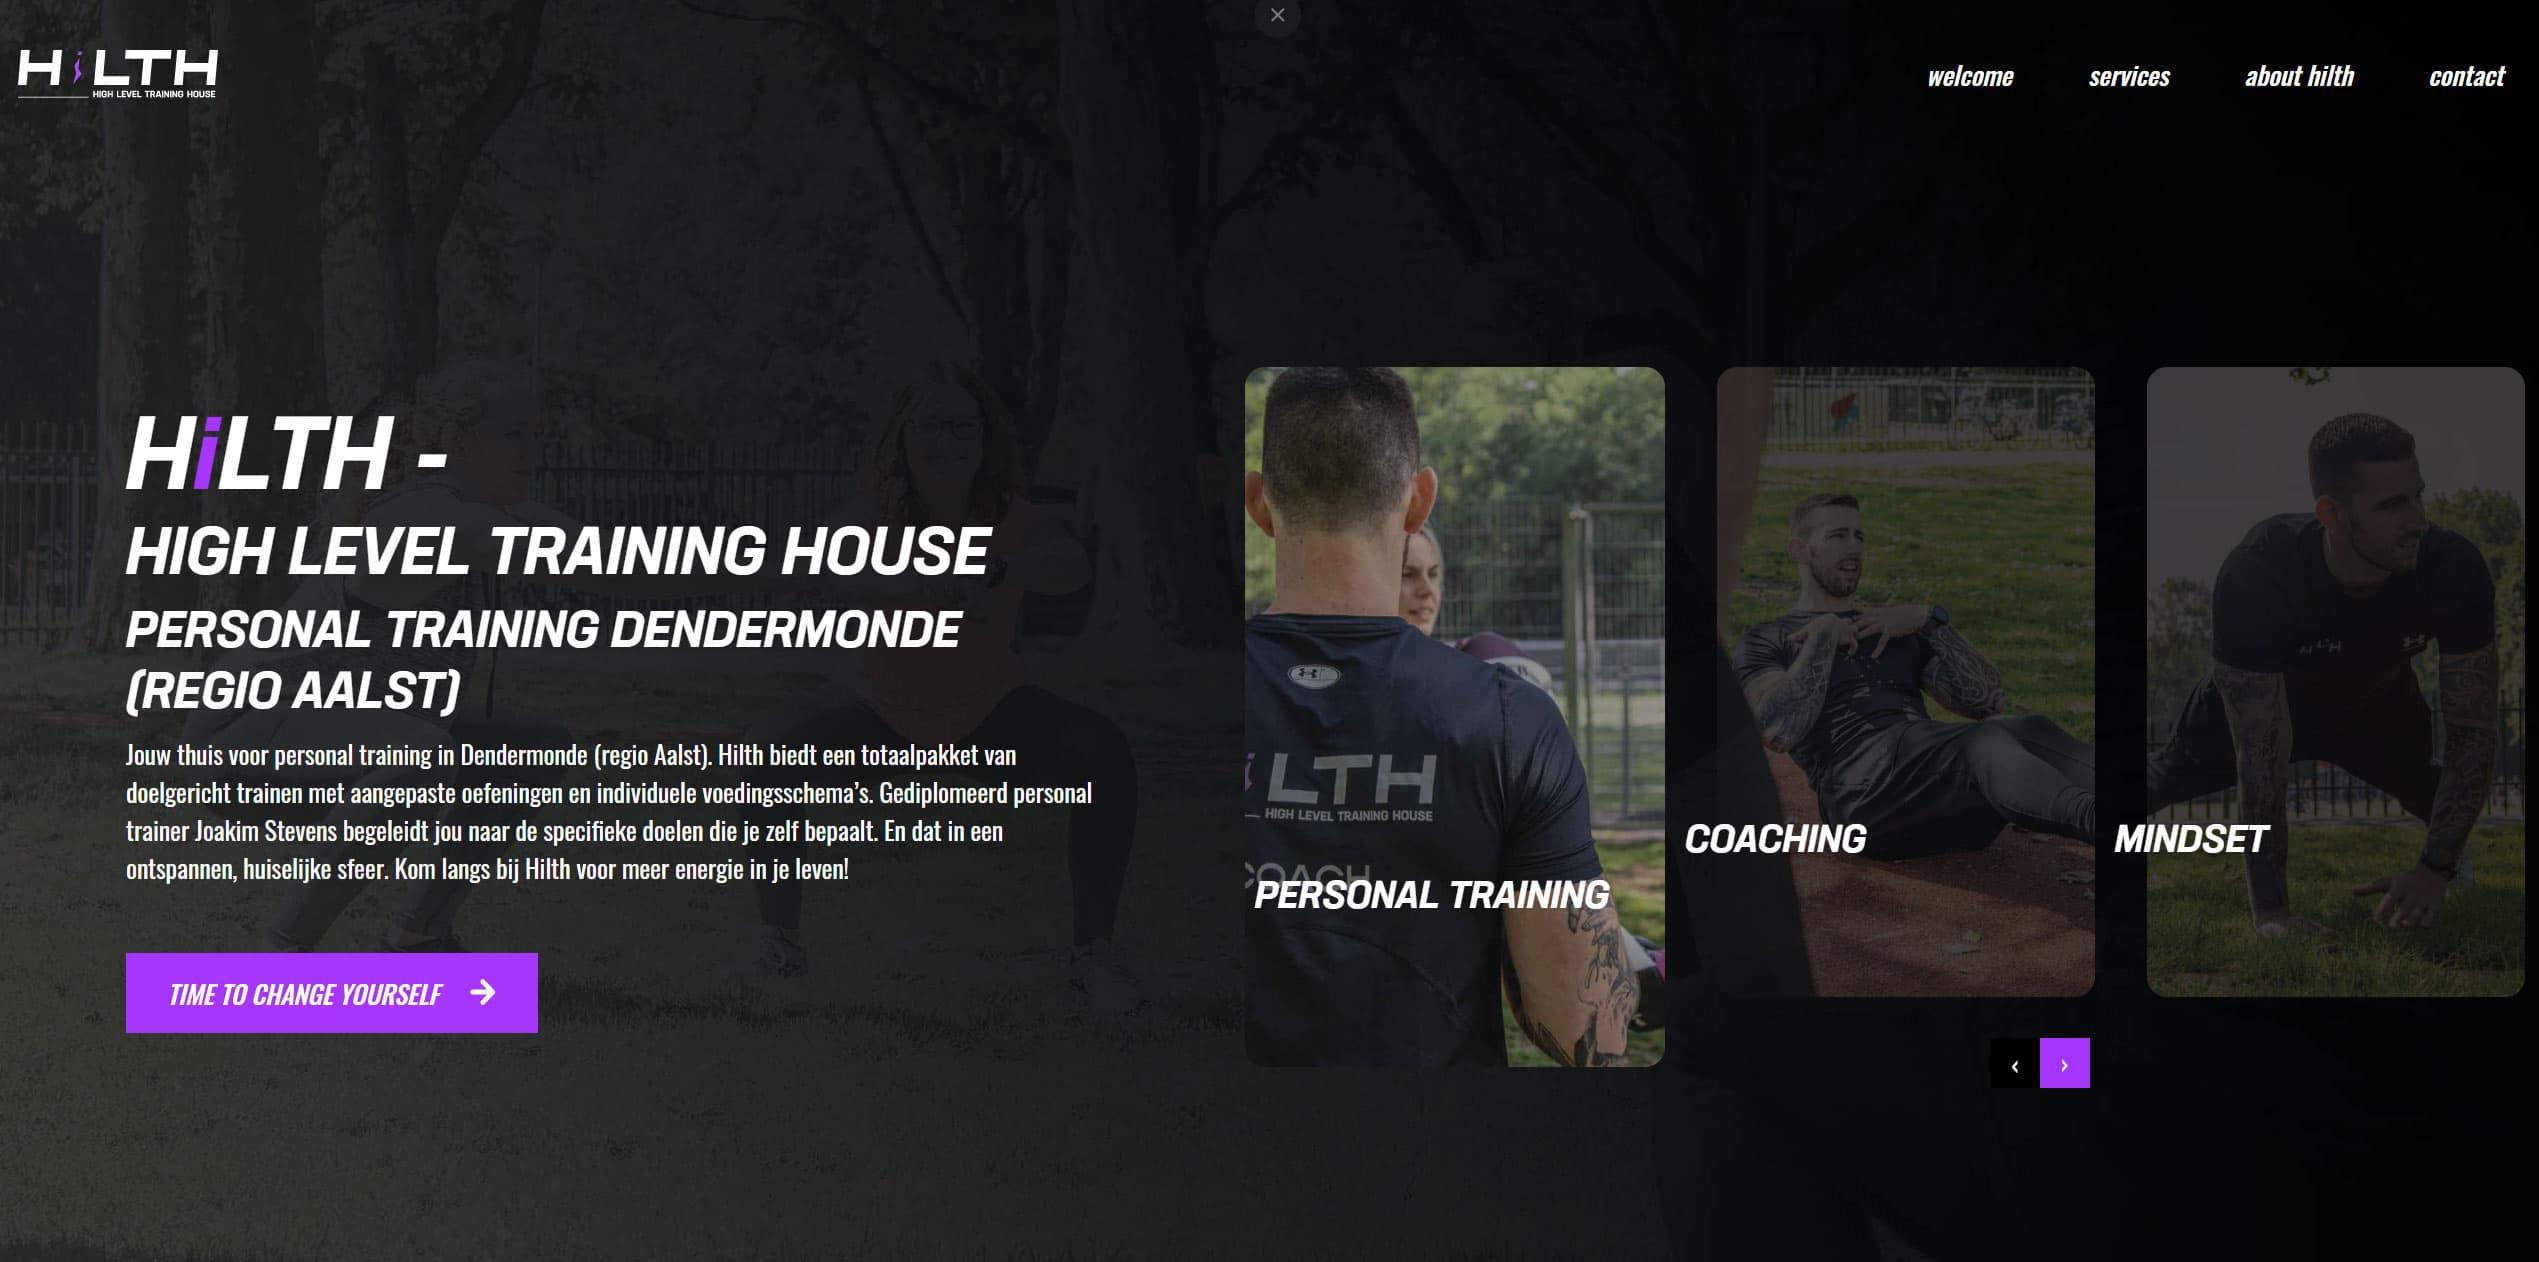 Hilth website door wcreate